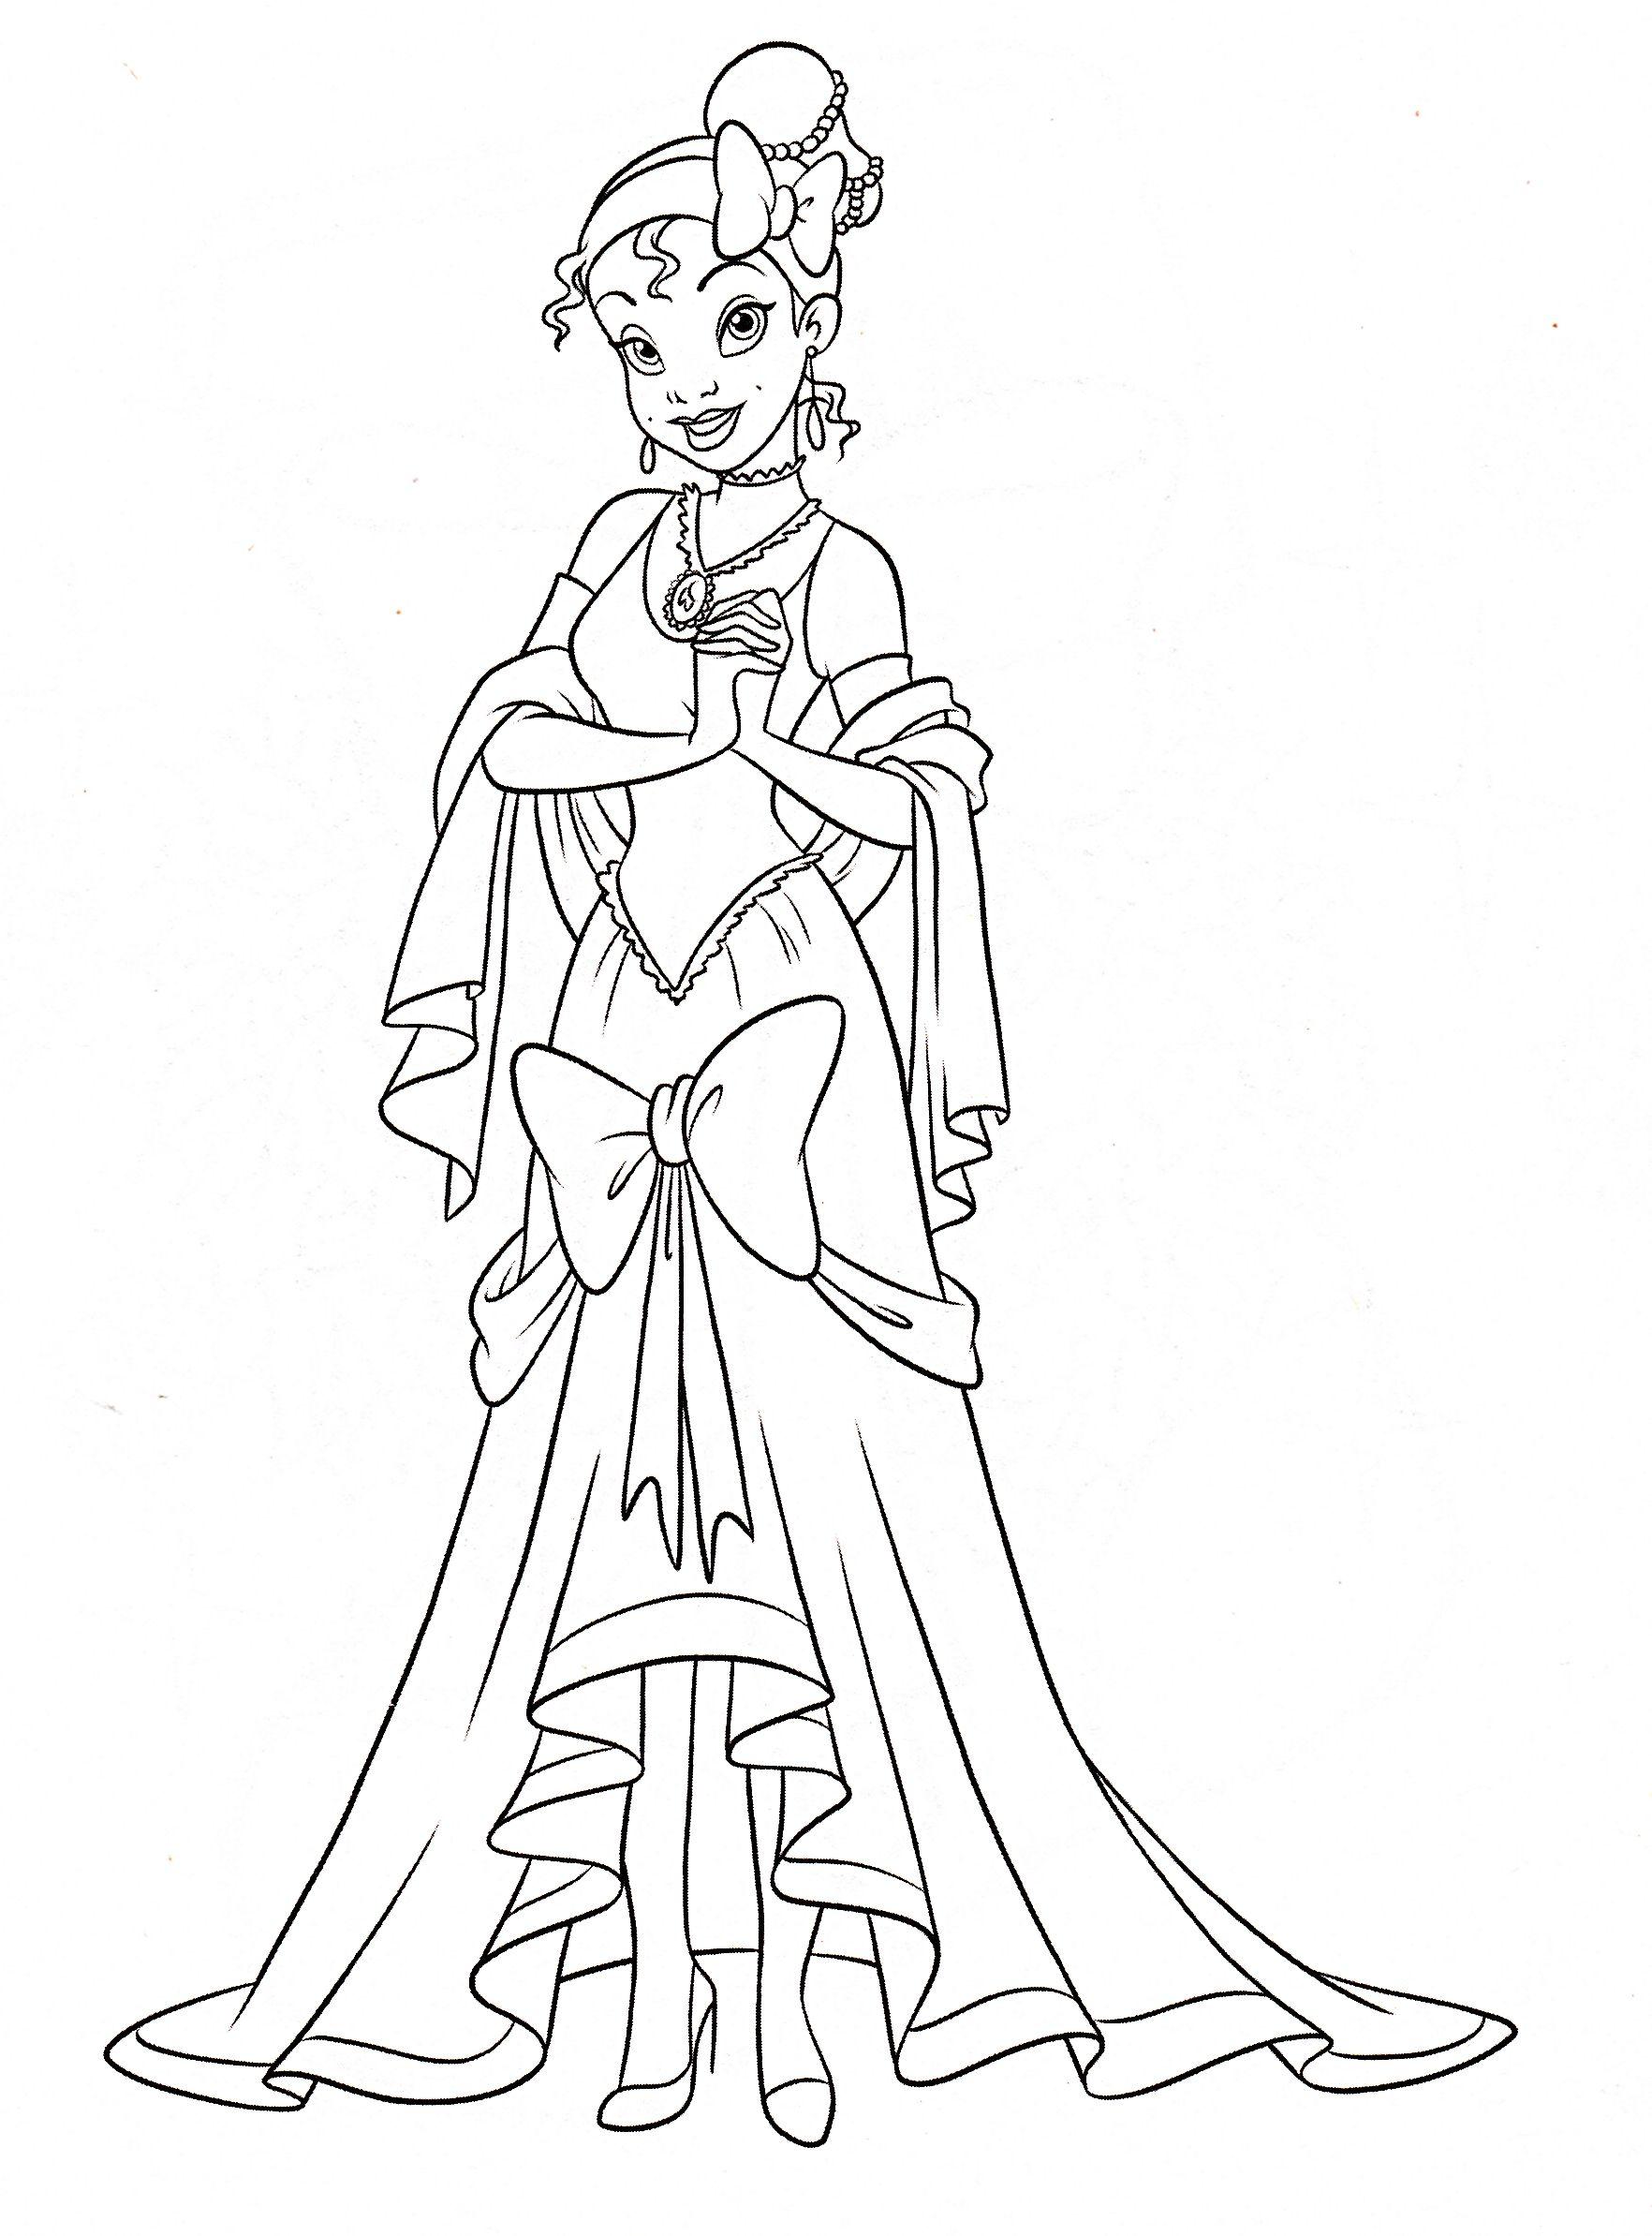 Walt Disney Coloring Pages - Princess Tiana | Disney ... | disney princess tiana printable coloring pages